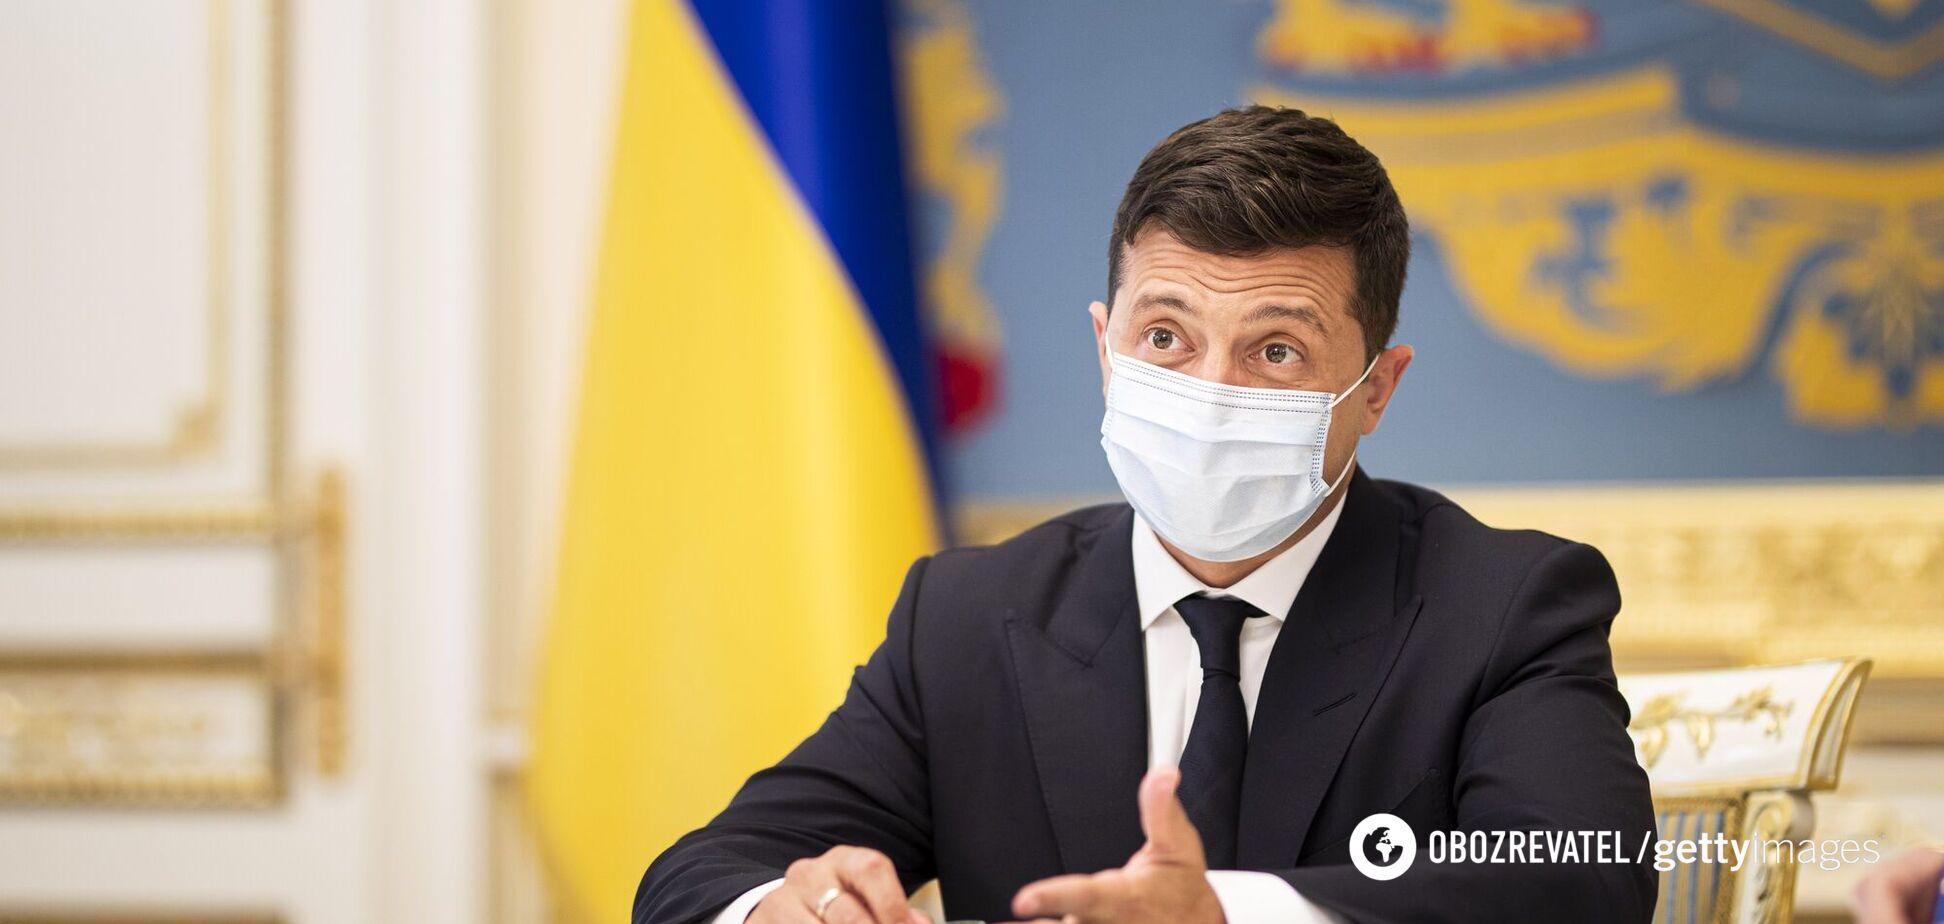 Зеленський захотів витратити гроші з COVID-фонду на допомогу частині українців